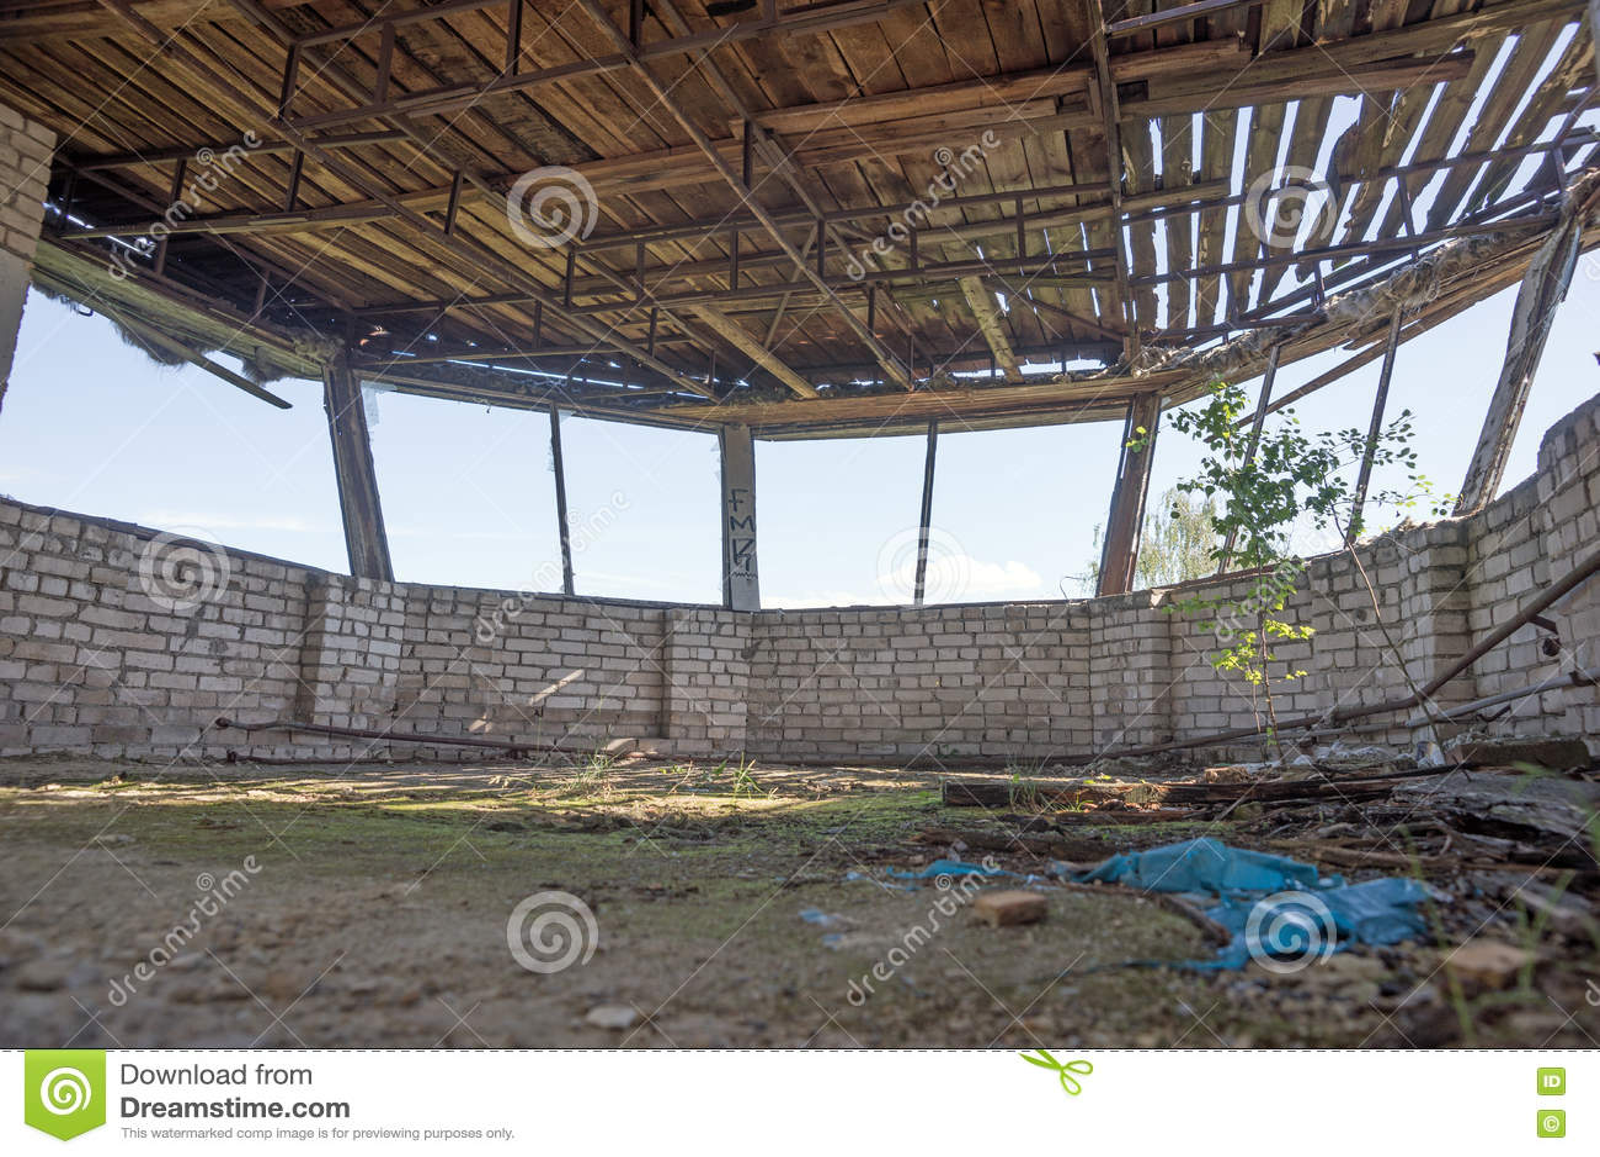 finestre rotonde in un complesso abbandonato immagine